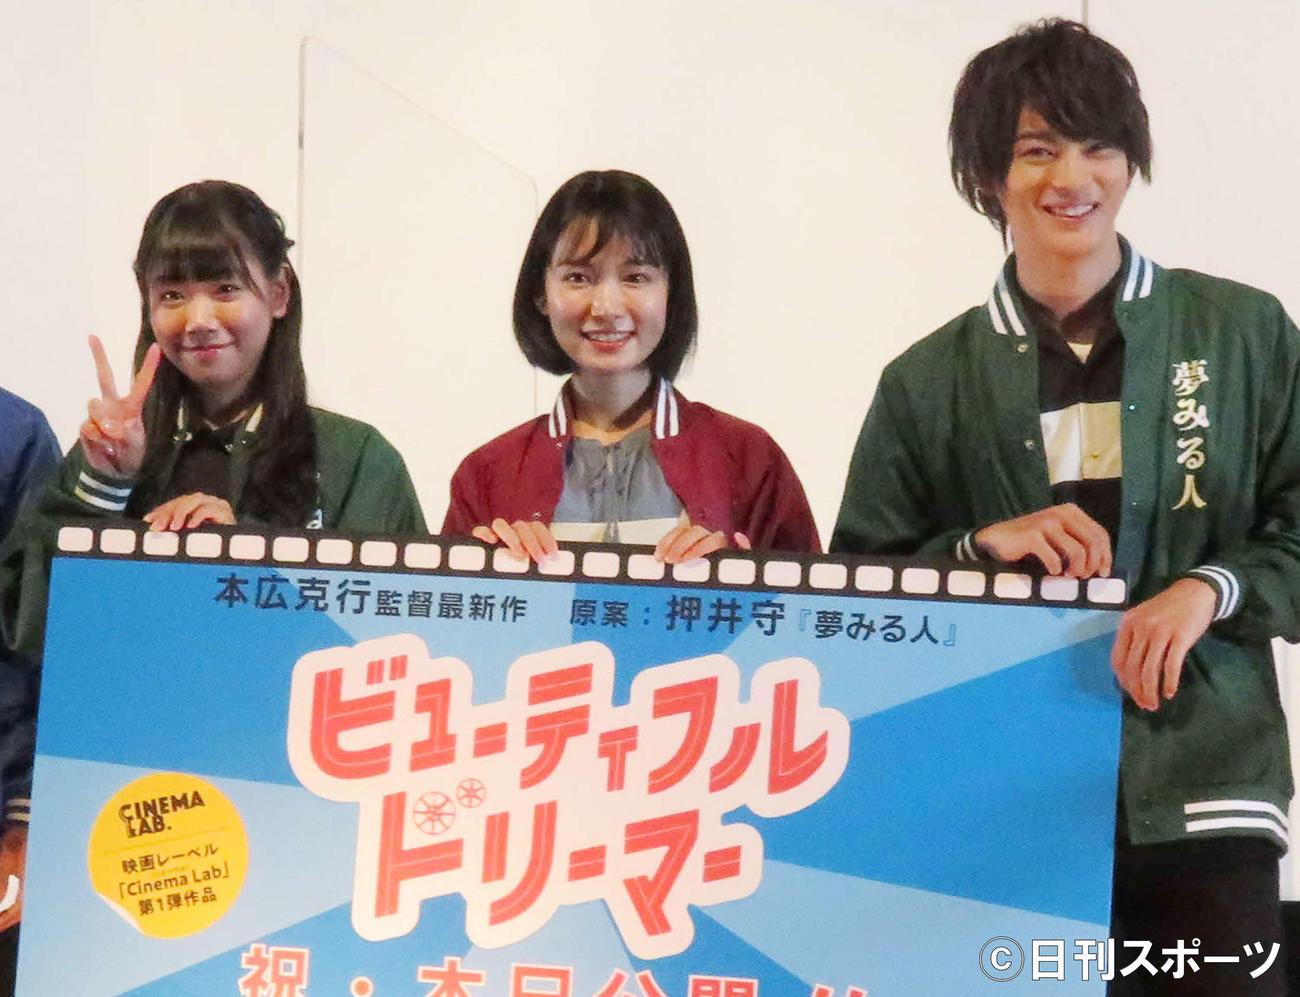 映画「ビューティフルドリーマー」の初日舞台あいさつに登壇した、左から藤谷理子、小川紗良、神尾楓珠(撮影・三須佳夏)